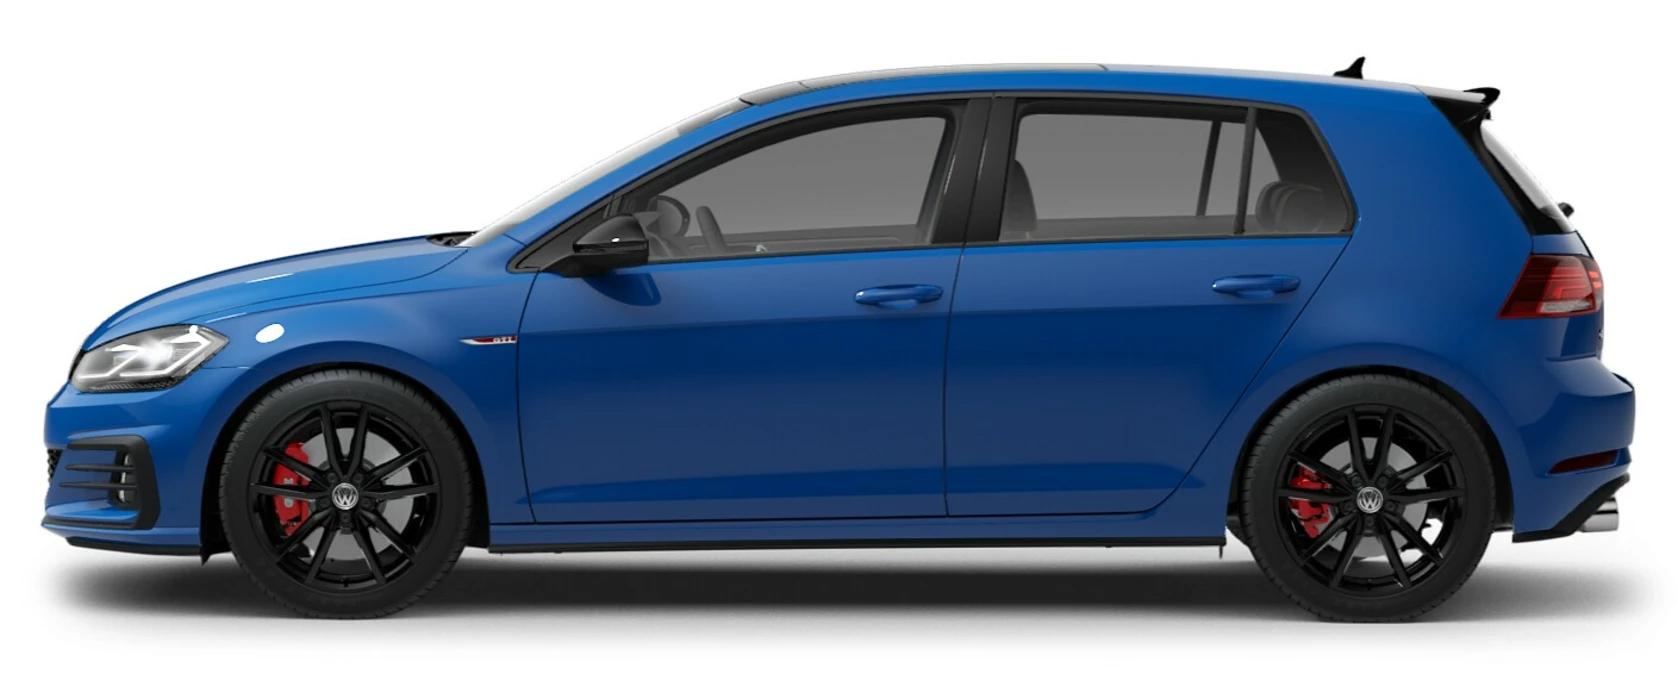 2021 Volkswagen Golf GTI Cornflower Blue